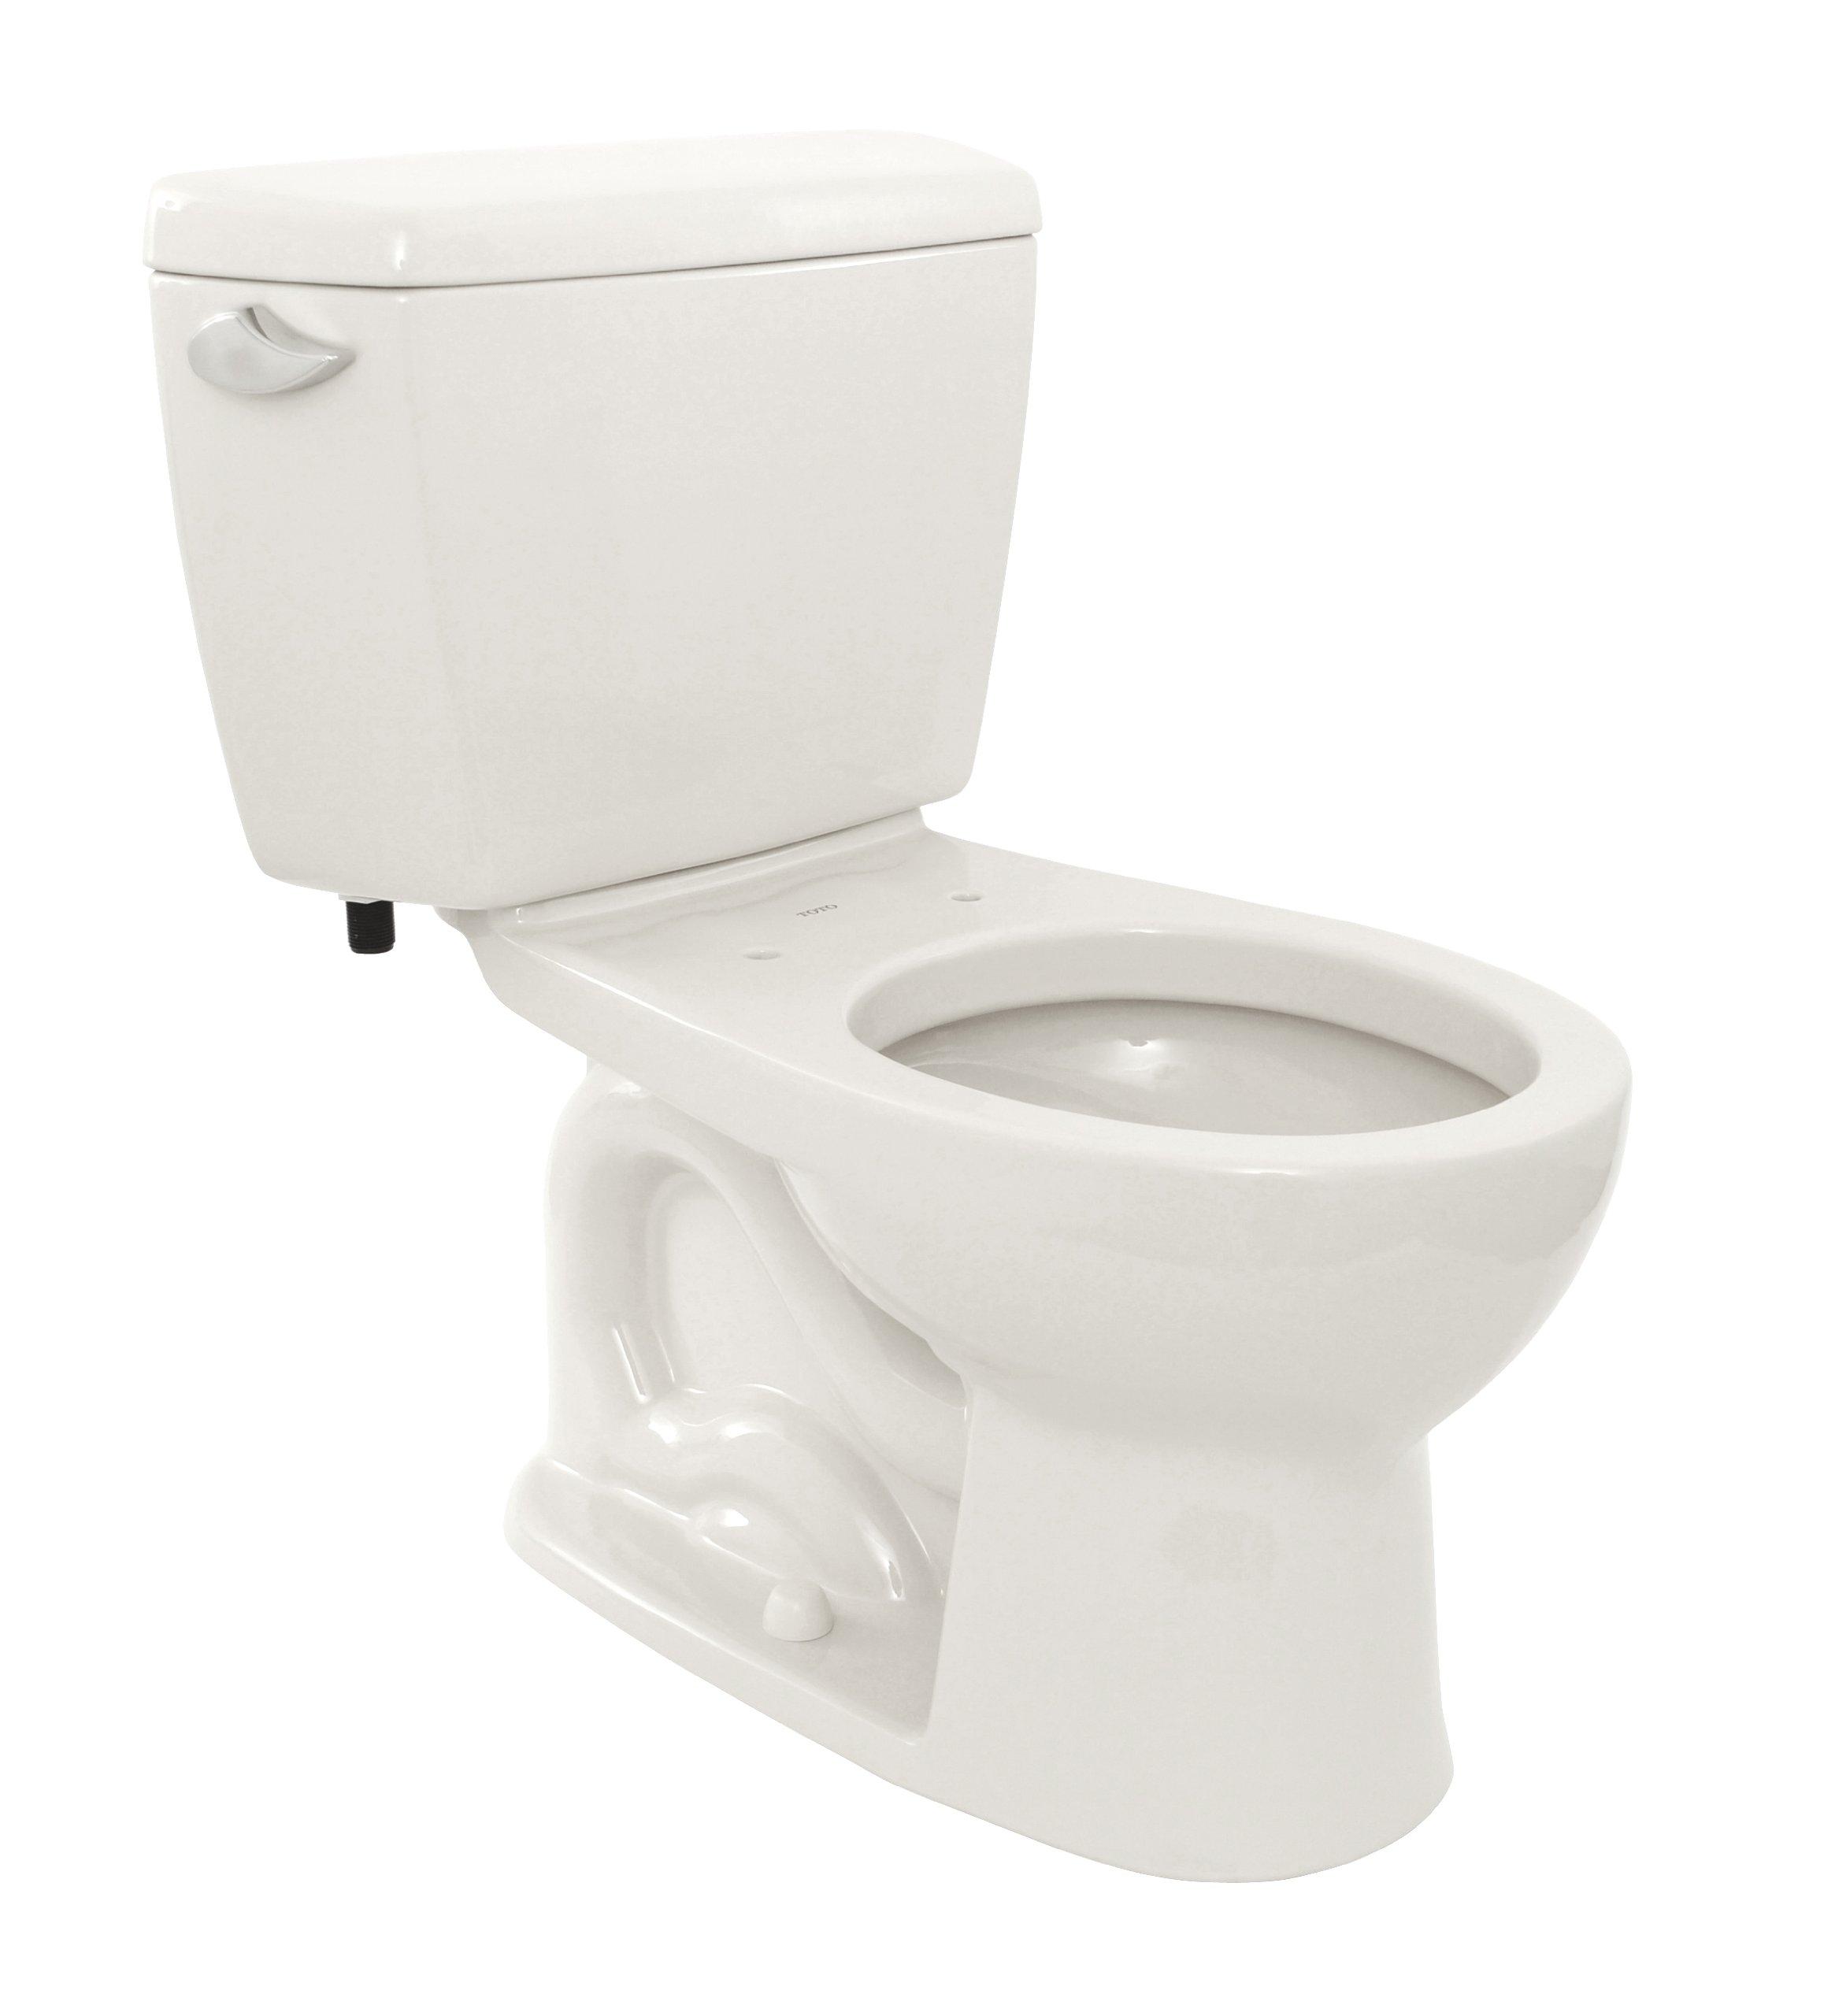 Toto Eco Drake 1.28 GPF Two-Piece Toilet CST743E#01 Cotton by TOTO